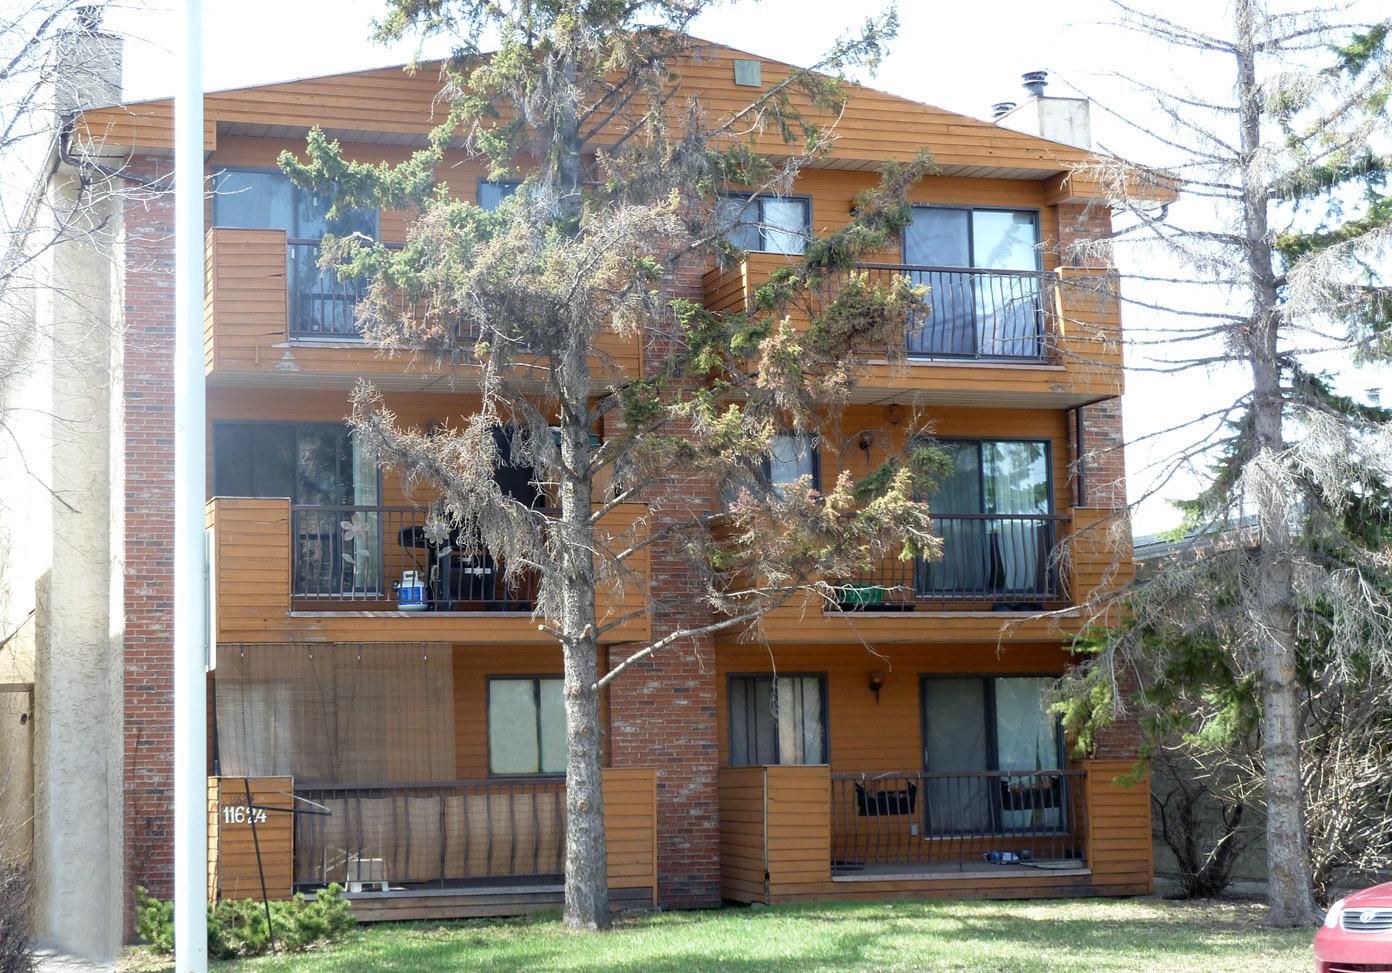 11624 124 Street NW, Edmonton, AB - $750